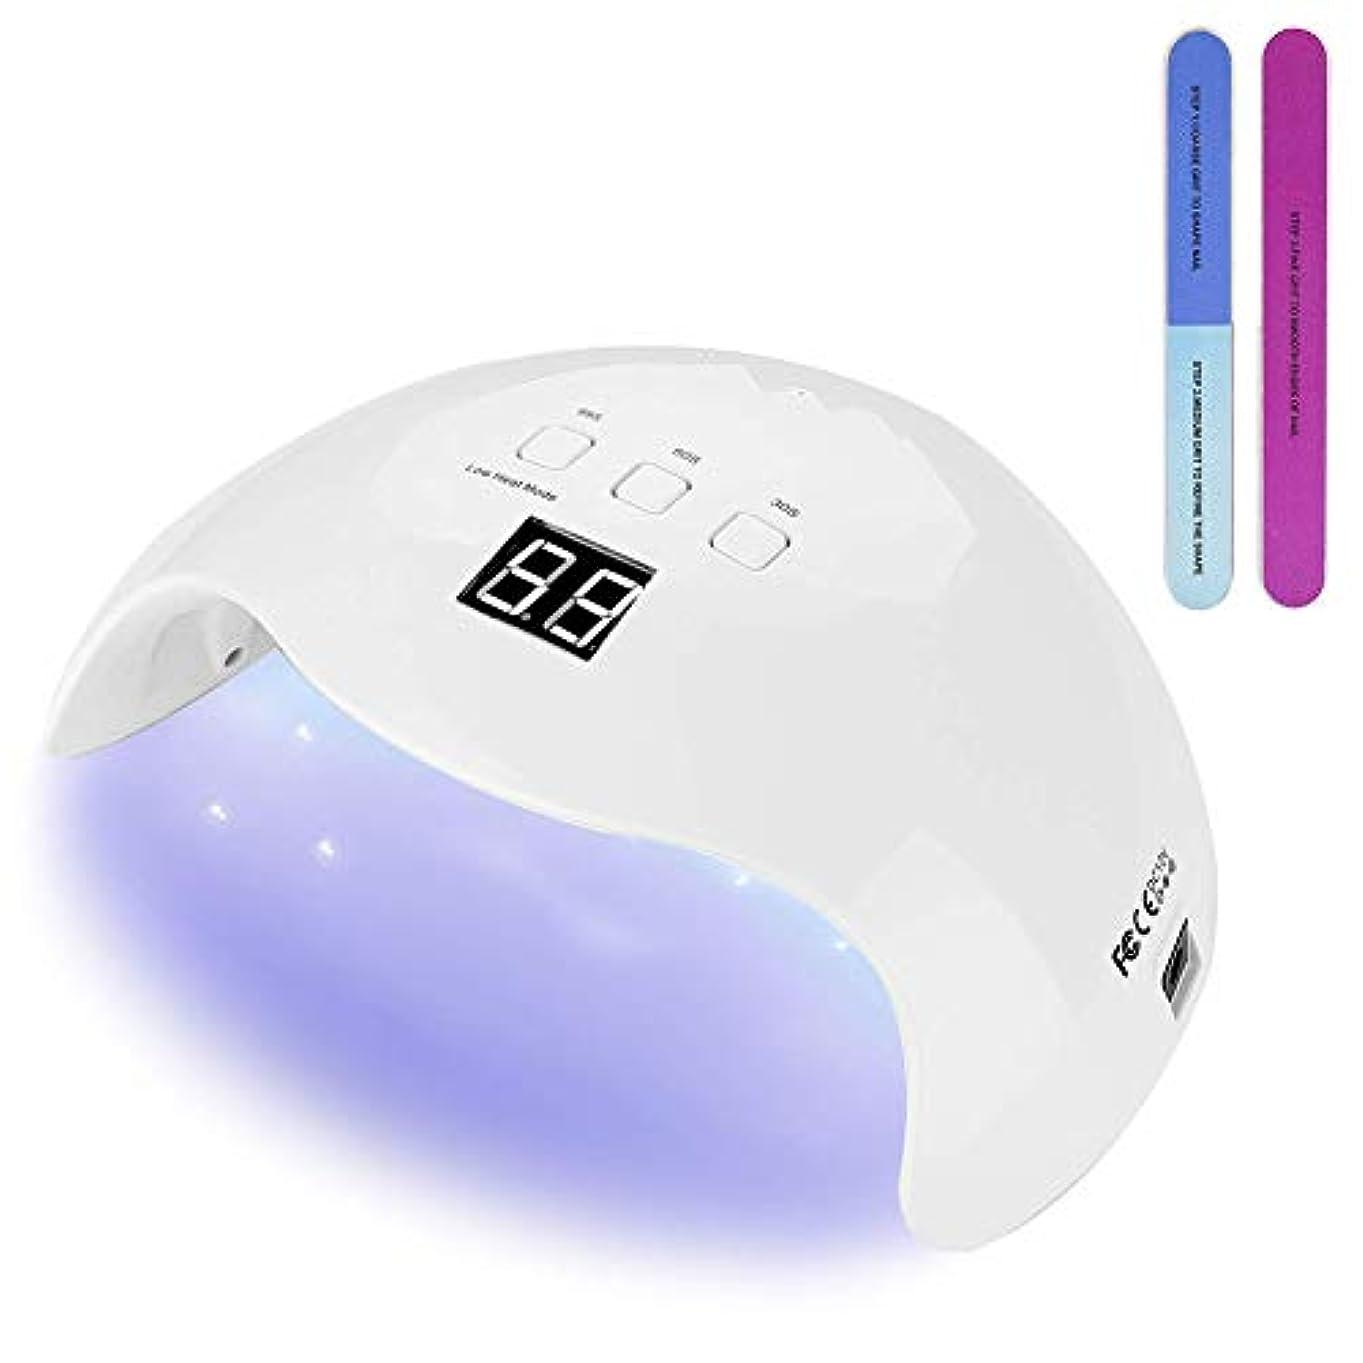 請求可能作物聴覚40Wネイルドライヤー、ネイル用LED/UVランプ、30/60/99秒タイマー、赤外線センサー、LCDディスプレイ、全ゲル用